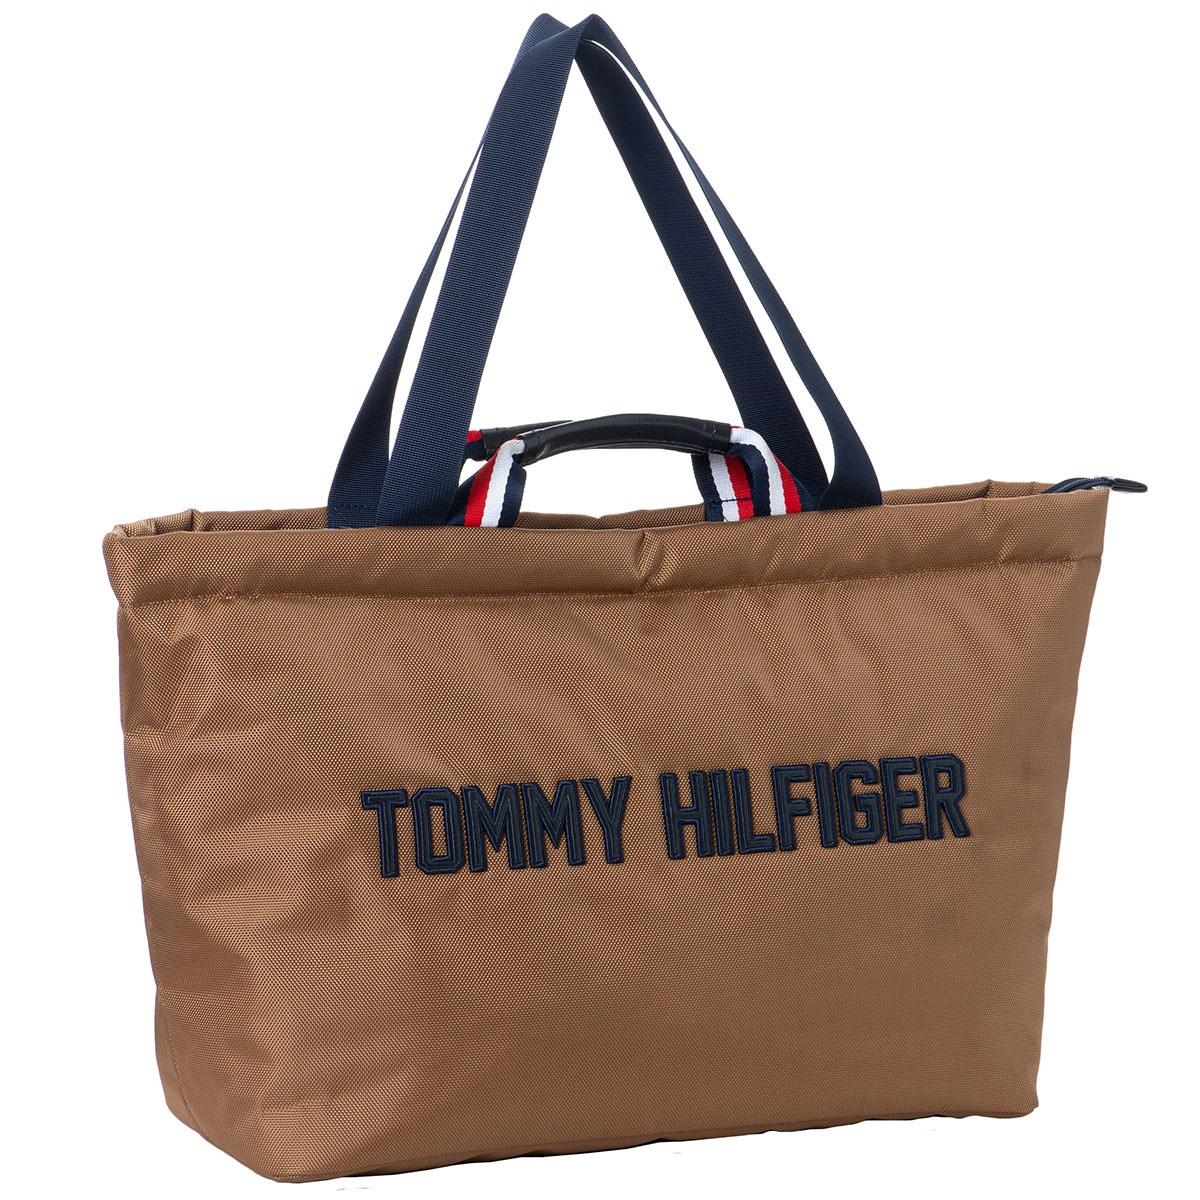 トミー ヒルフィガー ゴルフ TOMMY HILFIGER GOLF COLORING トートバッグ ベージュ 29